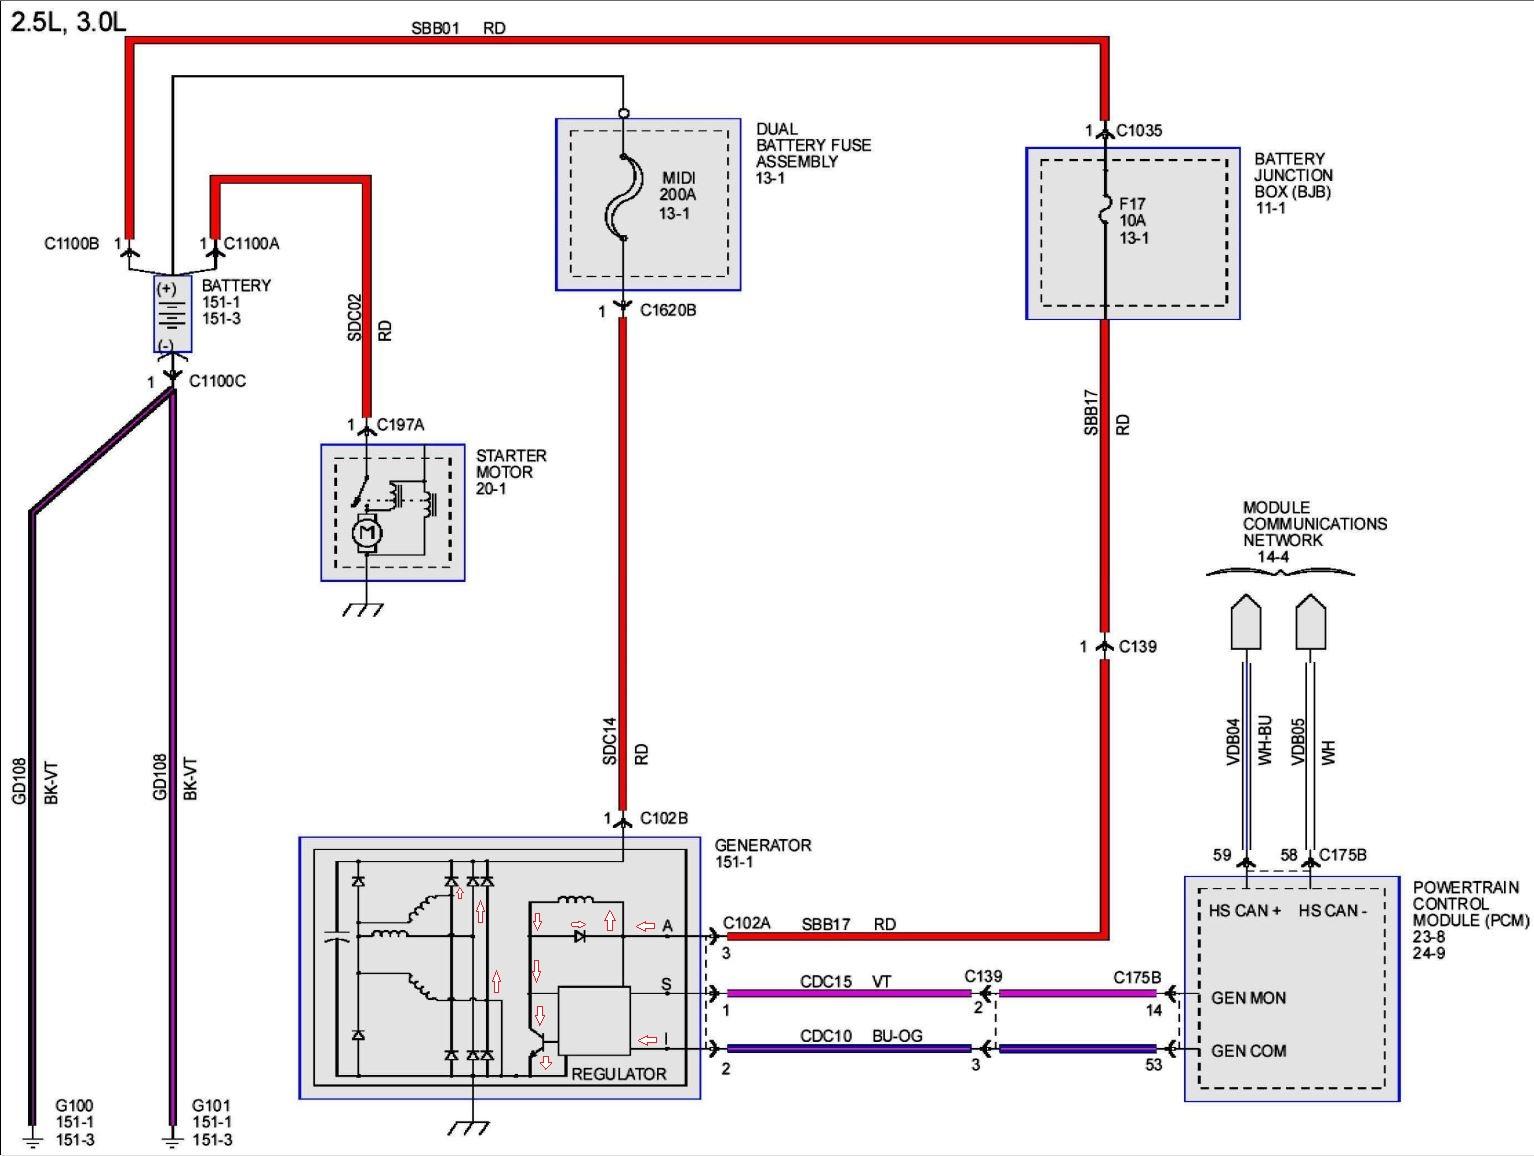 Mazda alternator wiring diagram free download wiring diagram xwiaw free download wiring diagram 2006 mazda 3 fusion alternator wiring of mazda alternator wiring diagram swarovskicordoba Choice Image